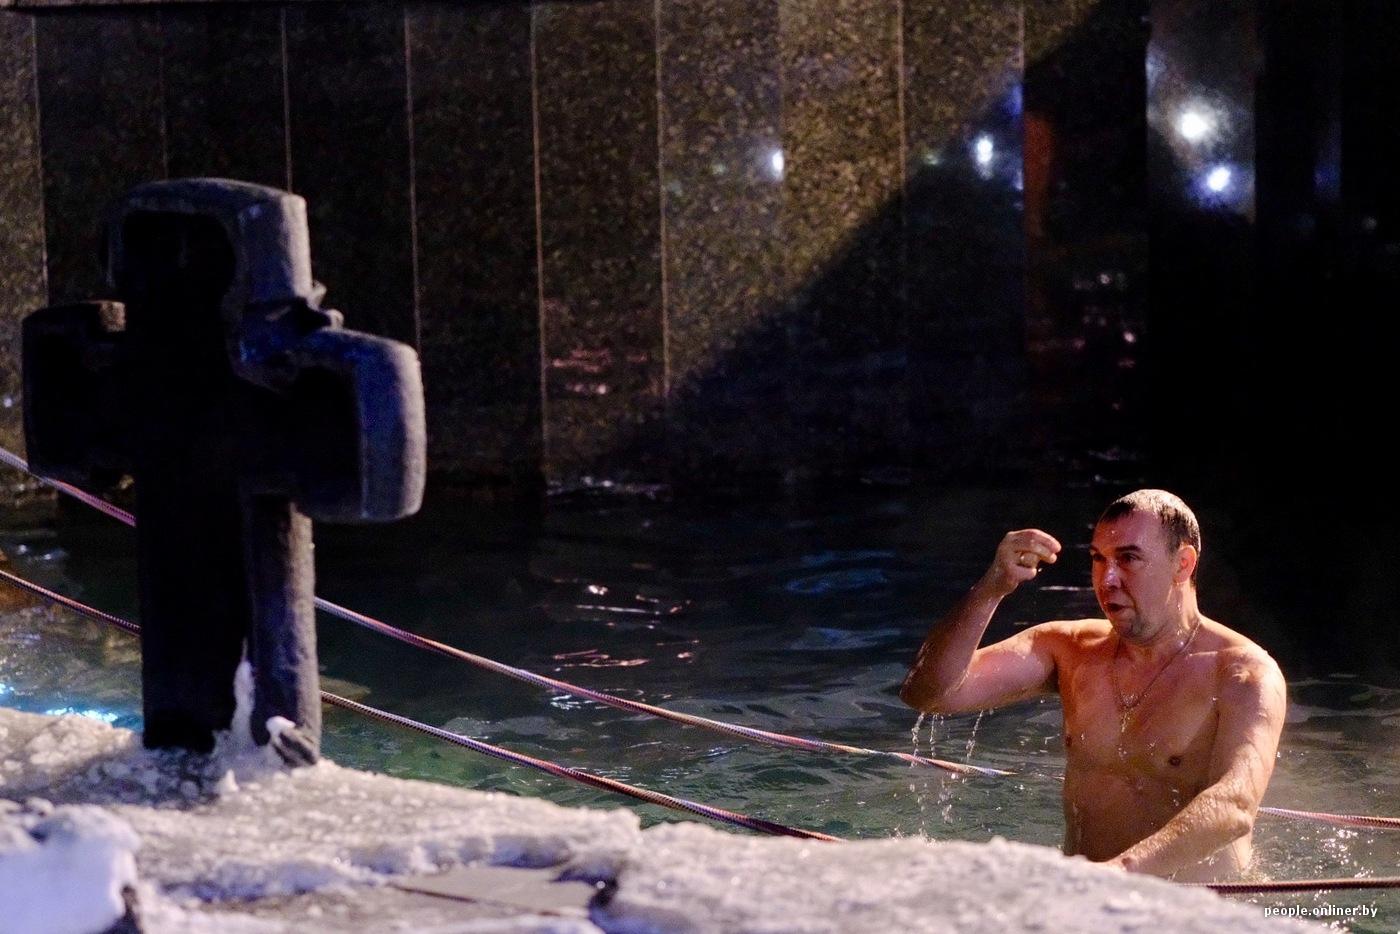 Между мокрые голые девушки водное крещение видео